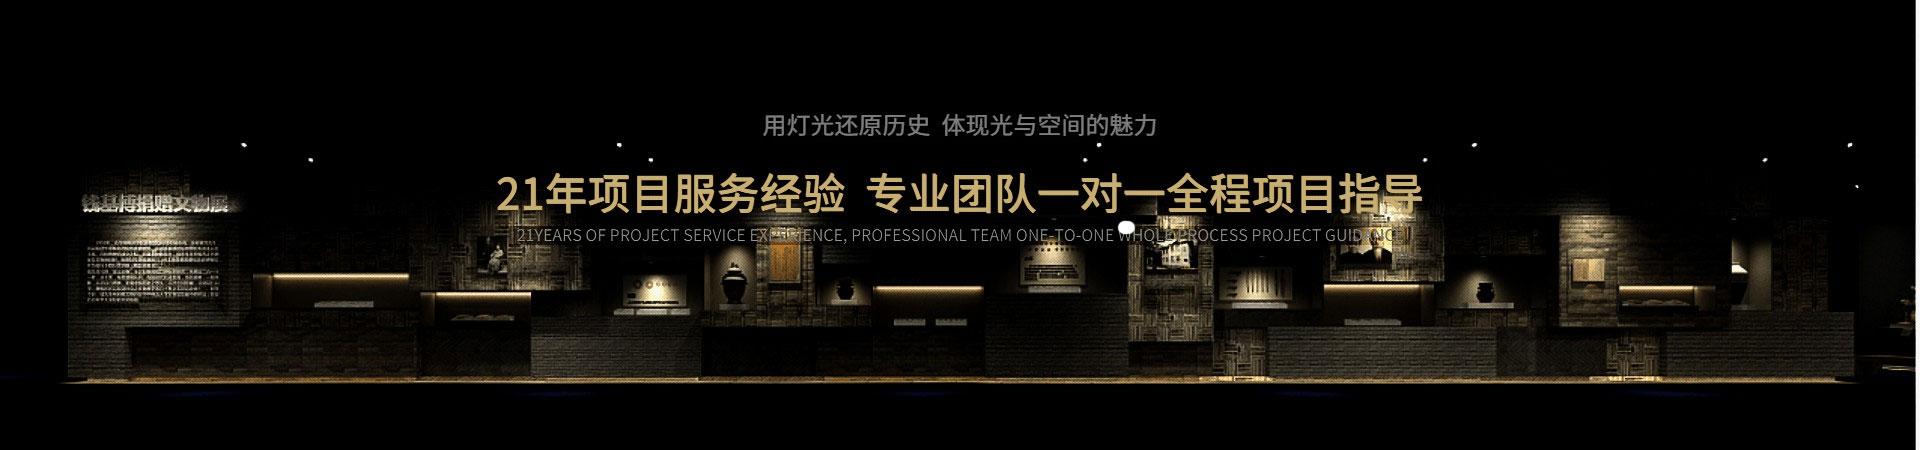 名泓照明-营造空间氛围,用灯光还原历史 为您定制博物馆照明灯具解决方案